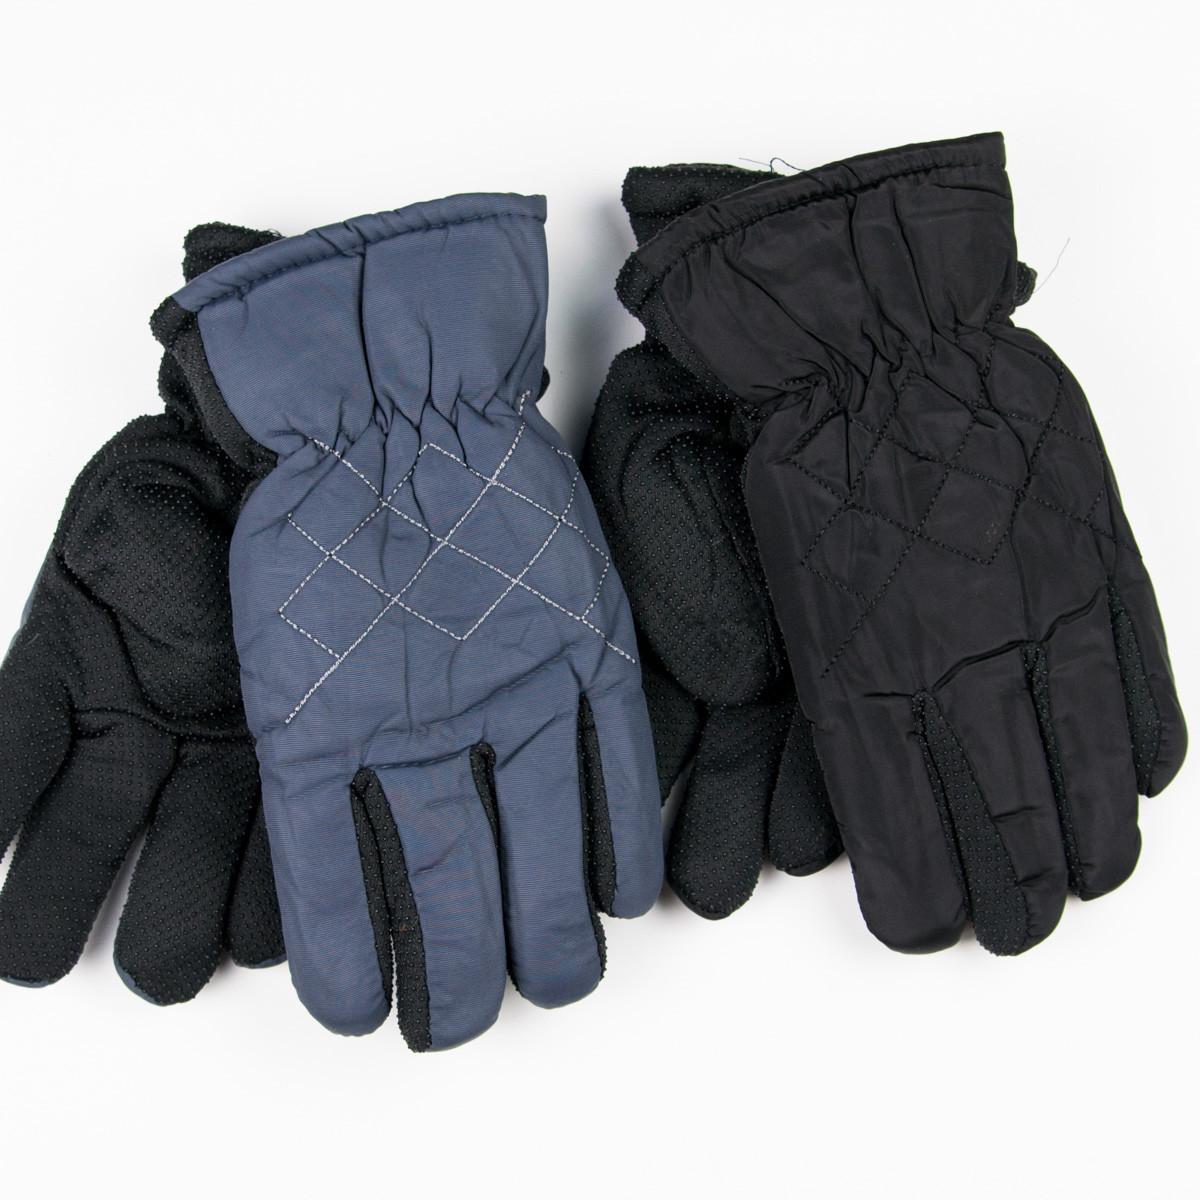 Оптом перчатки для мальчиков с антискользящей поверхностью 5-7 лет №19-16-3